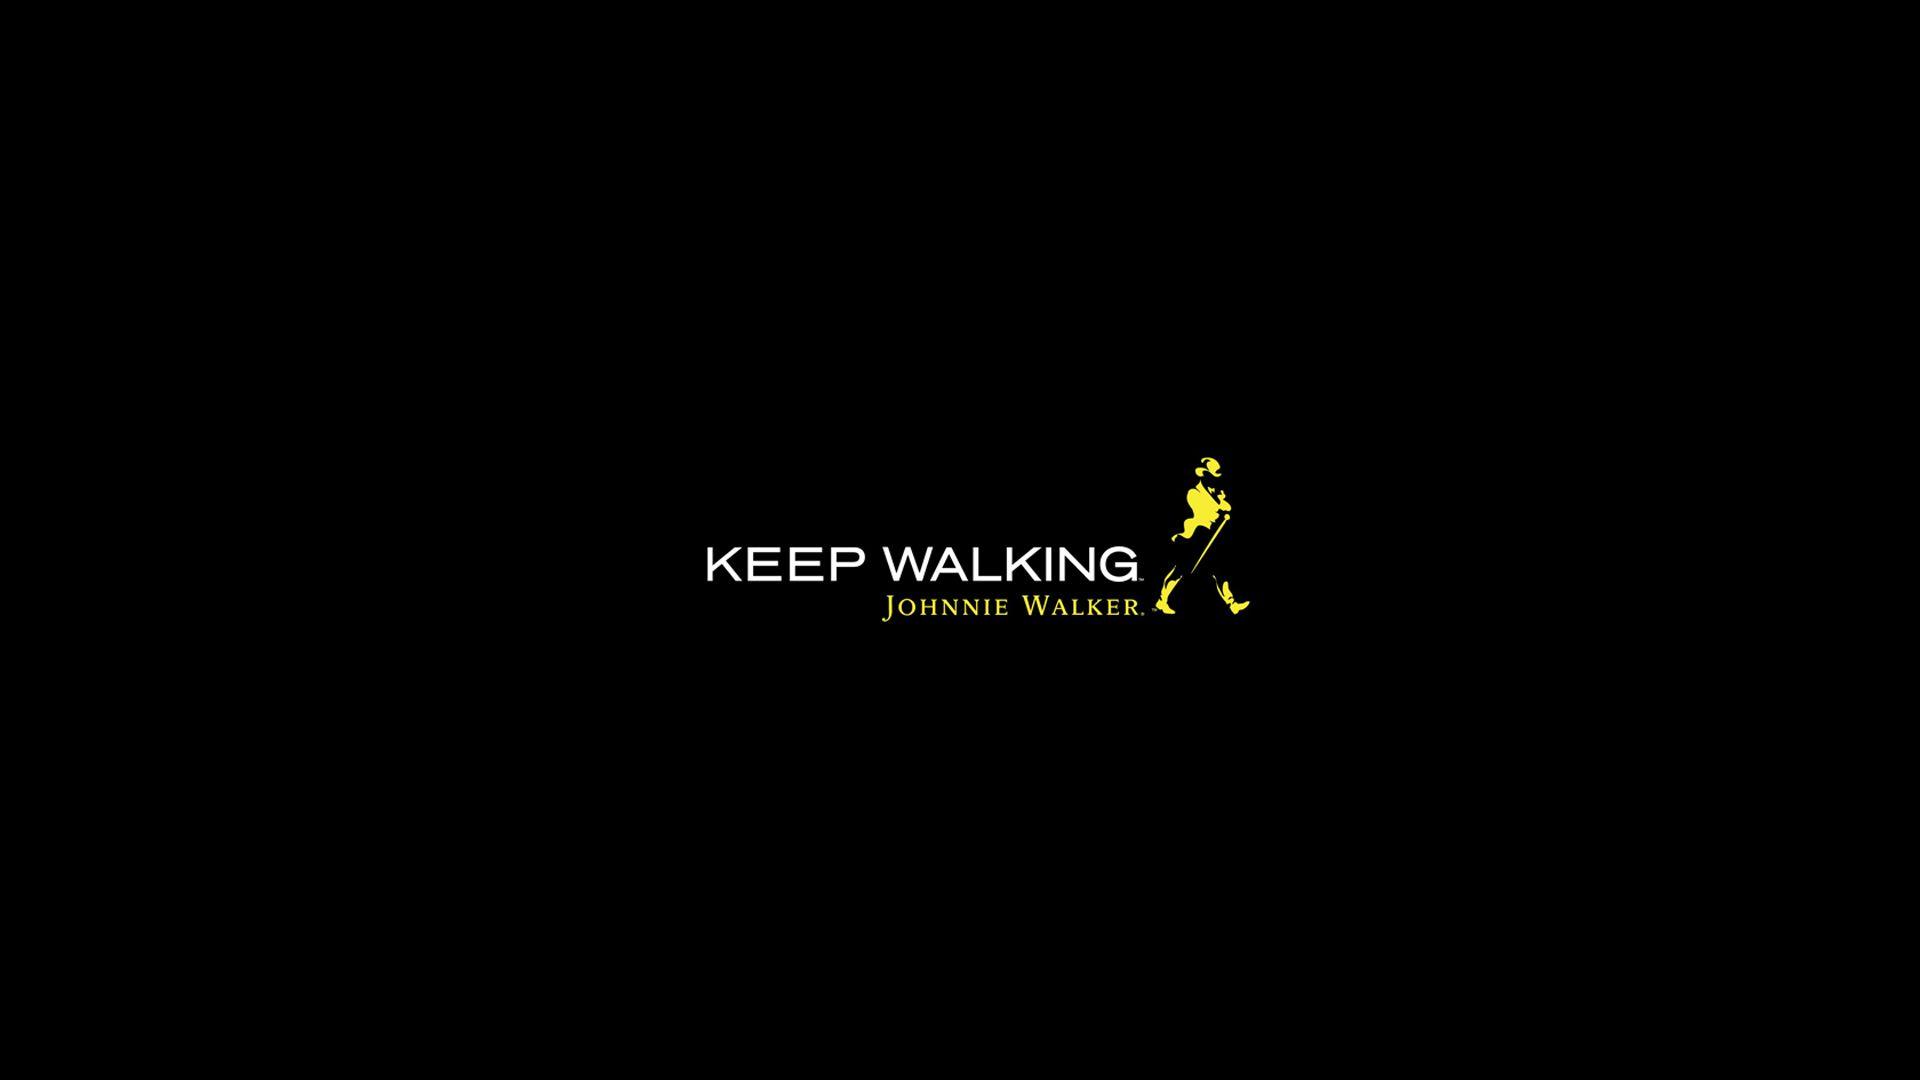 Keep Walking Johnnie Walker Image HD Wallpaper Free